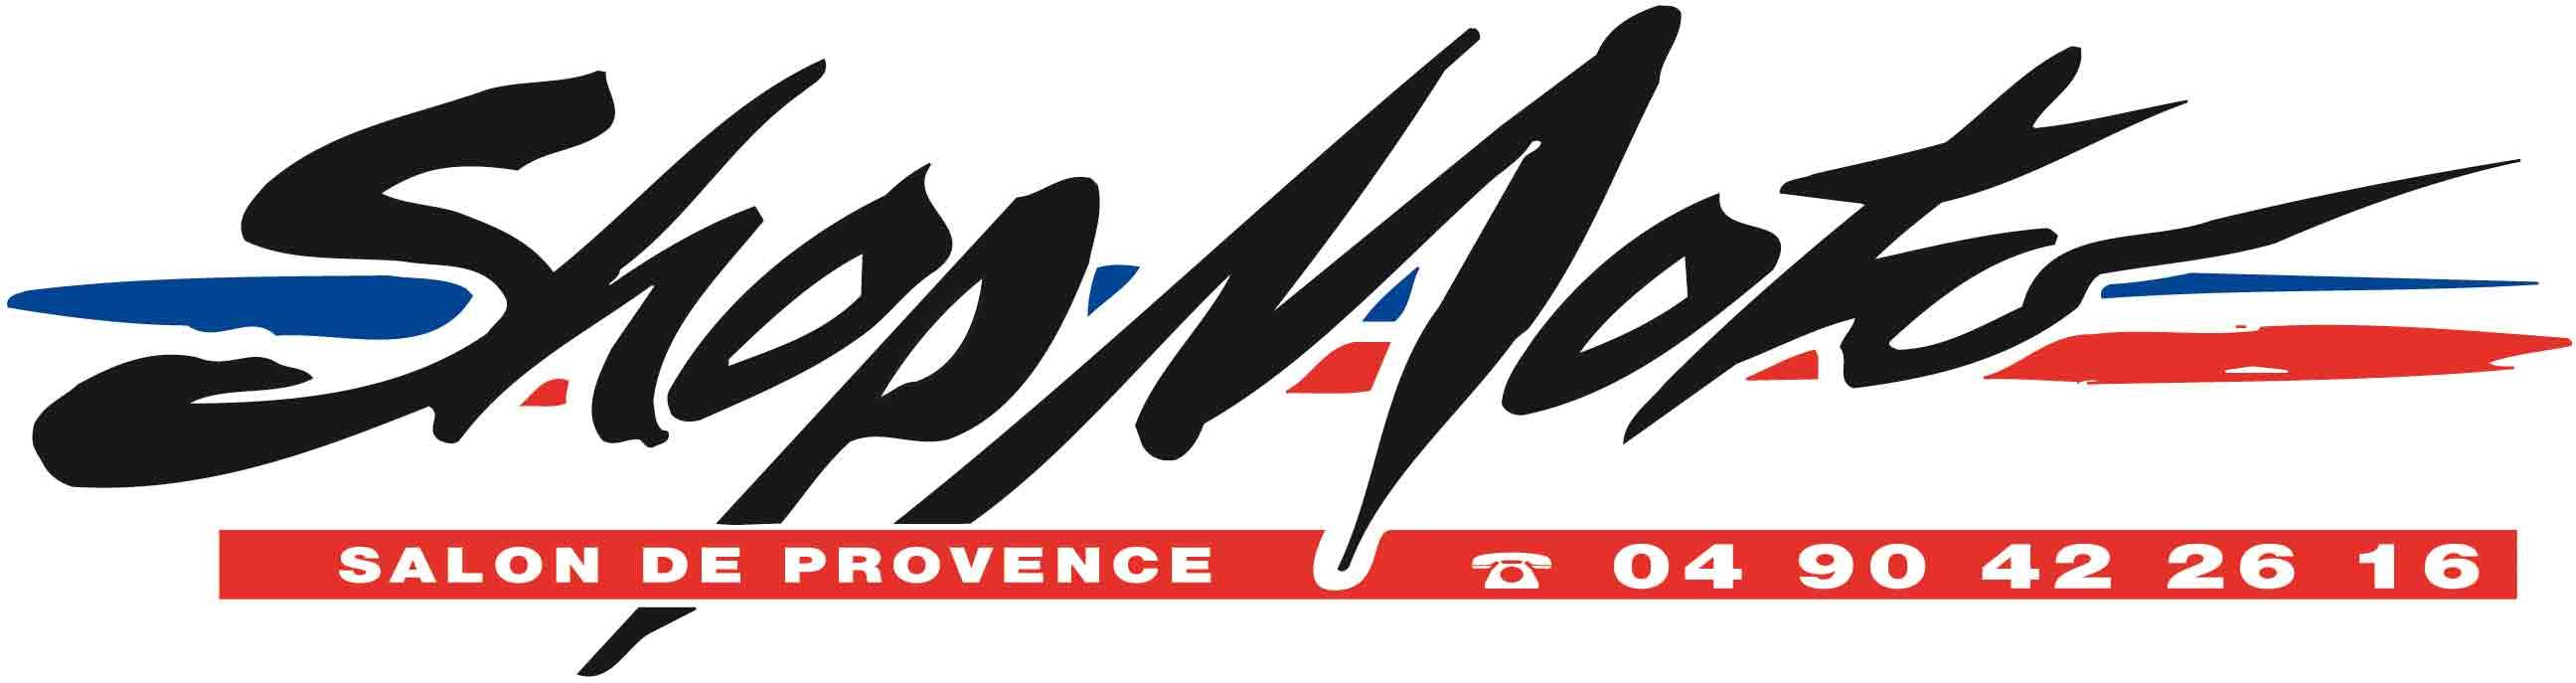 Technicien d atelier for Shop moto salon de provence